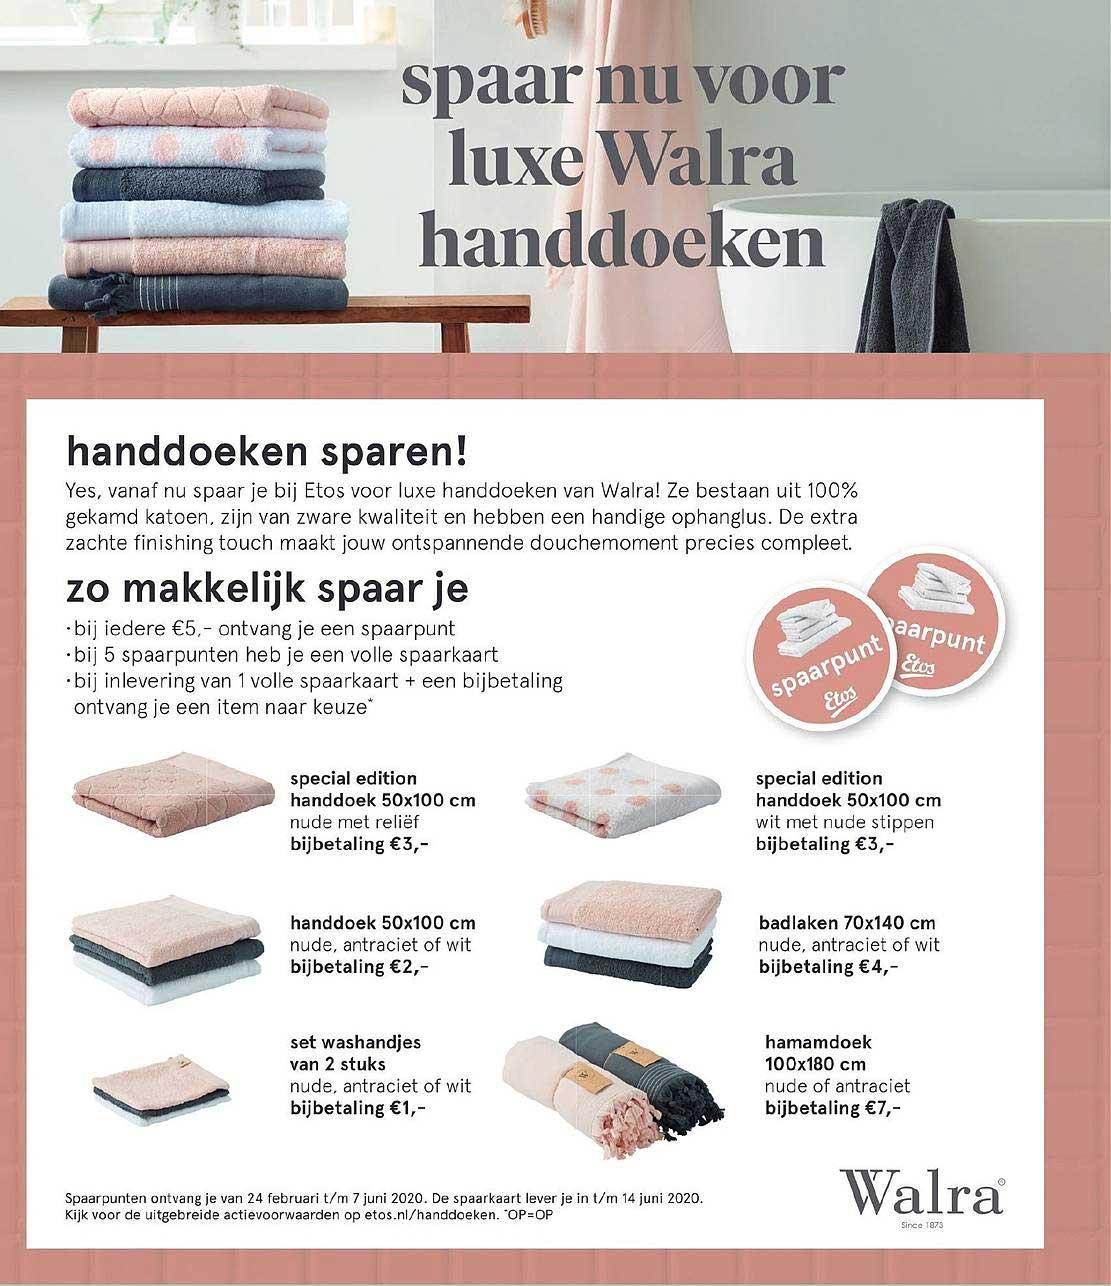 Etos Spaar Nu Voor Luxe Walra Handdoeken